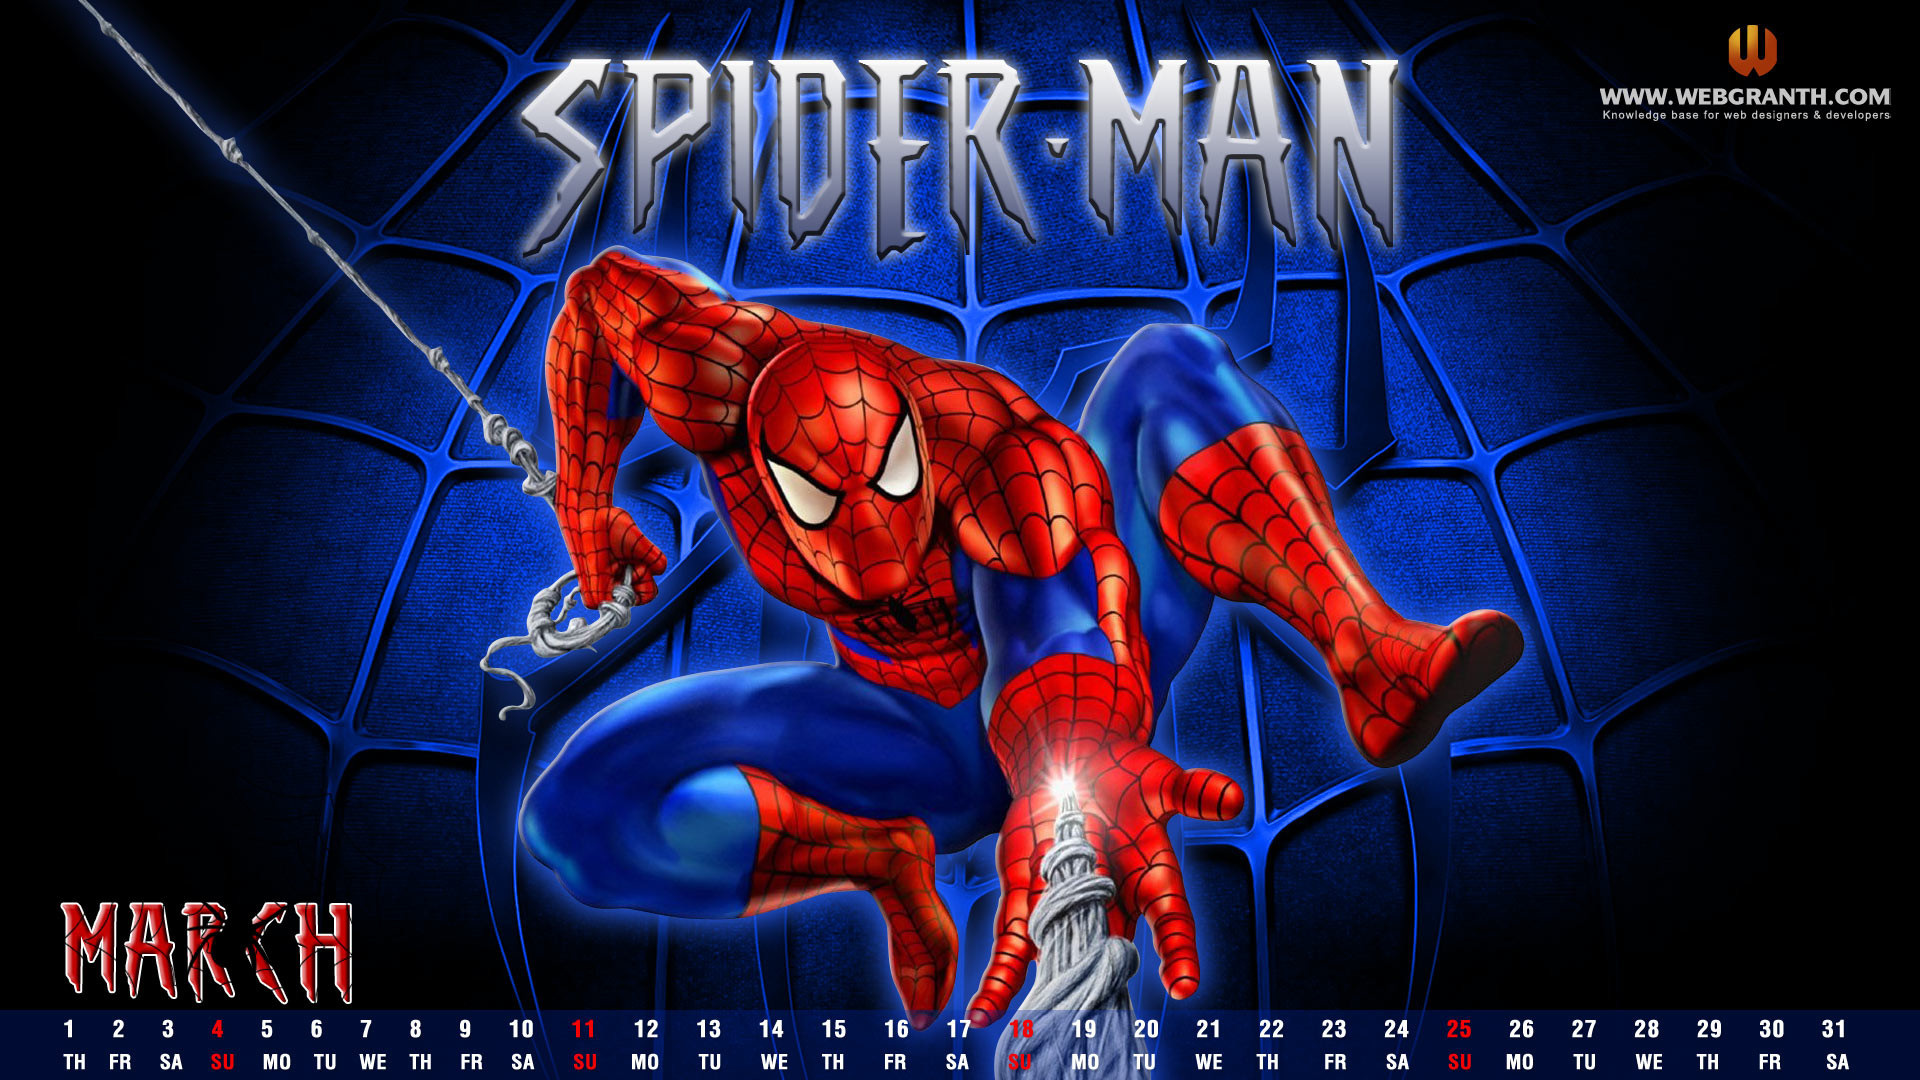 1920x1080, Spiderman Cartoon Wallpaper   Data Id 315211 - Cartoon Wallpaper Spider Man - HD Wallpaper